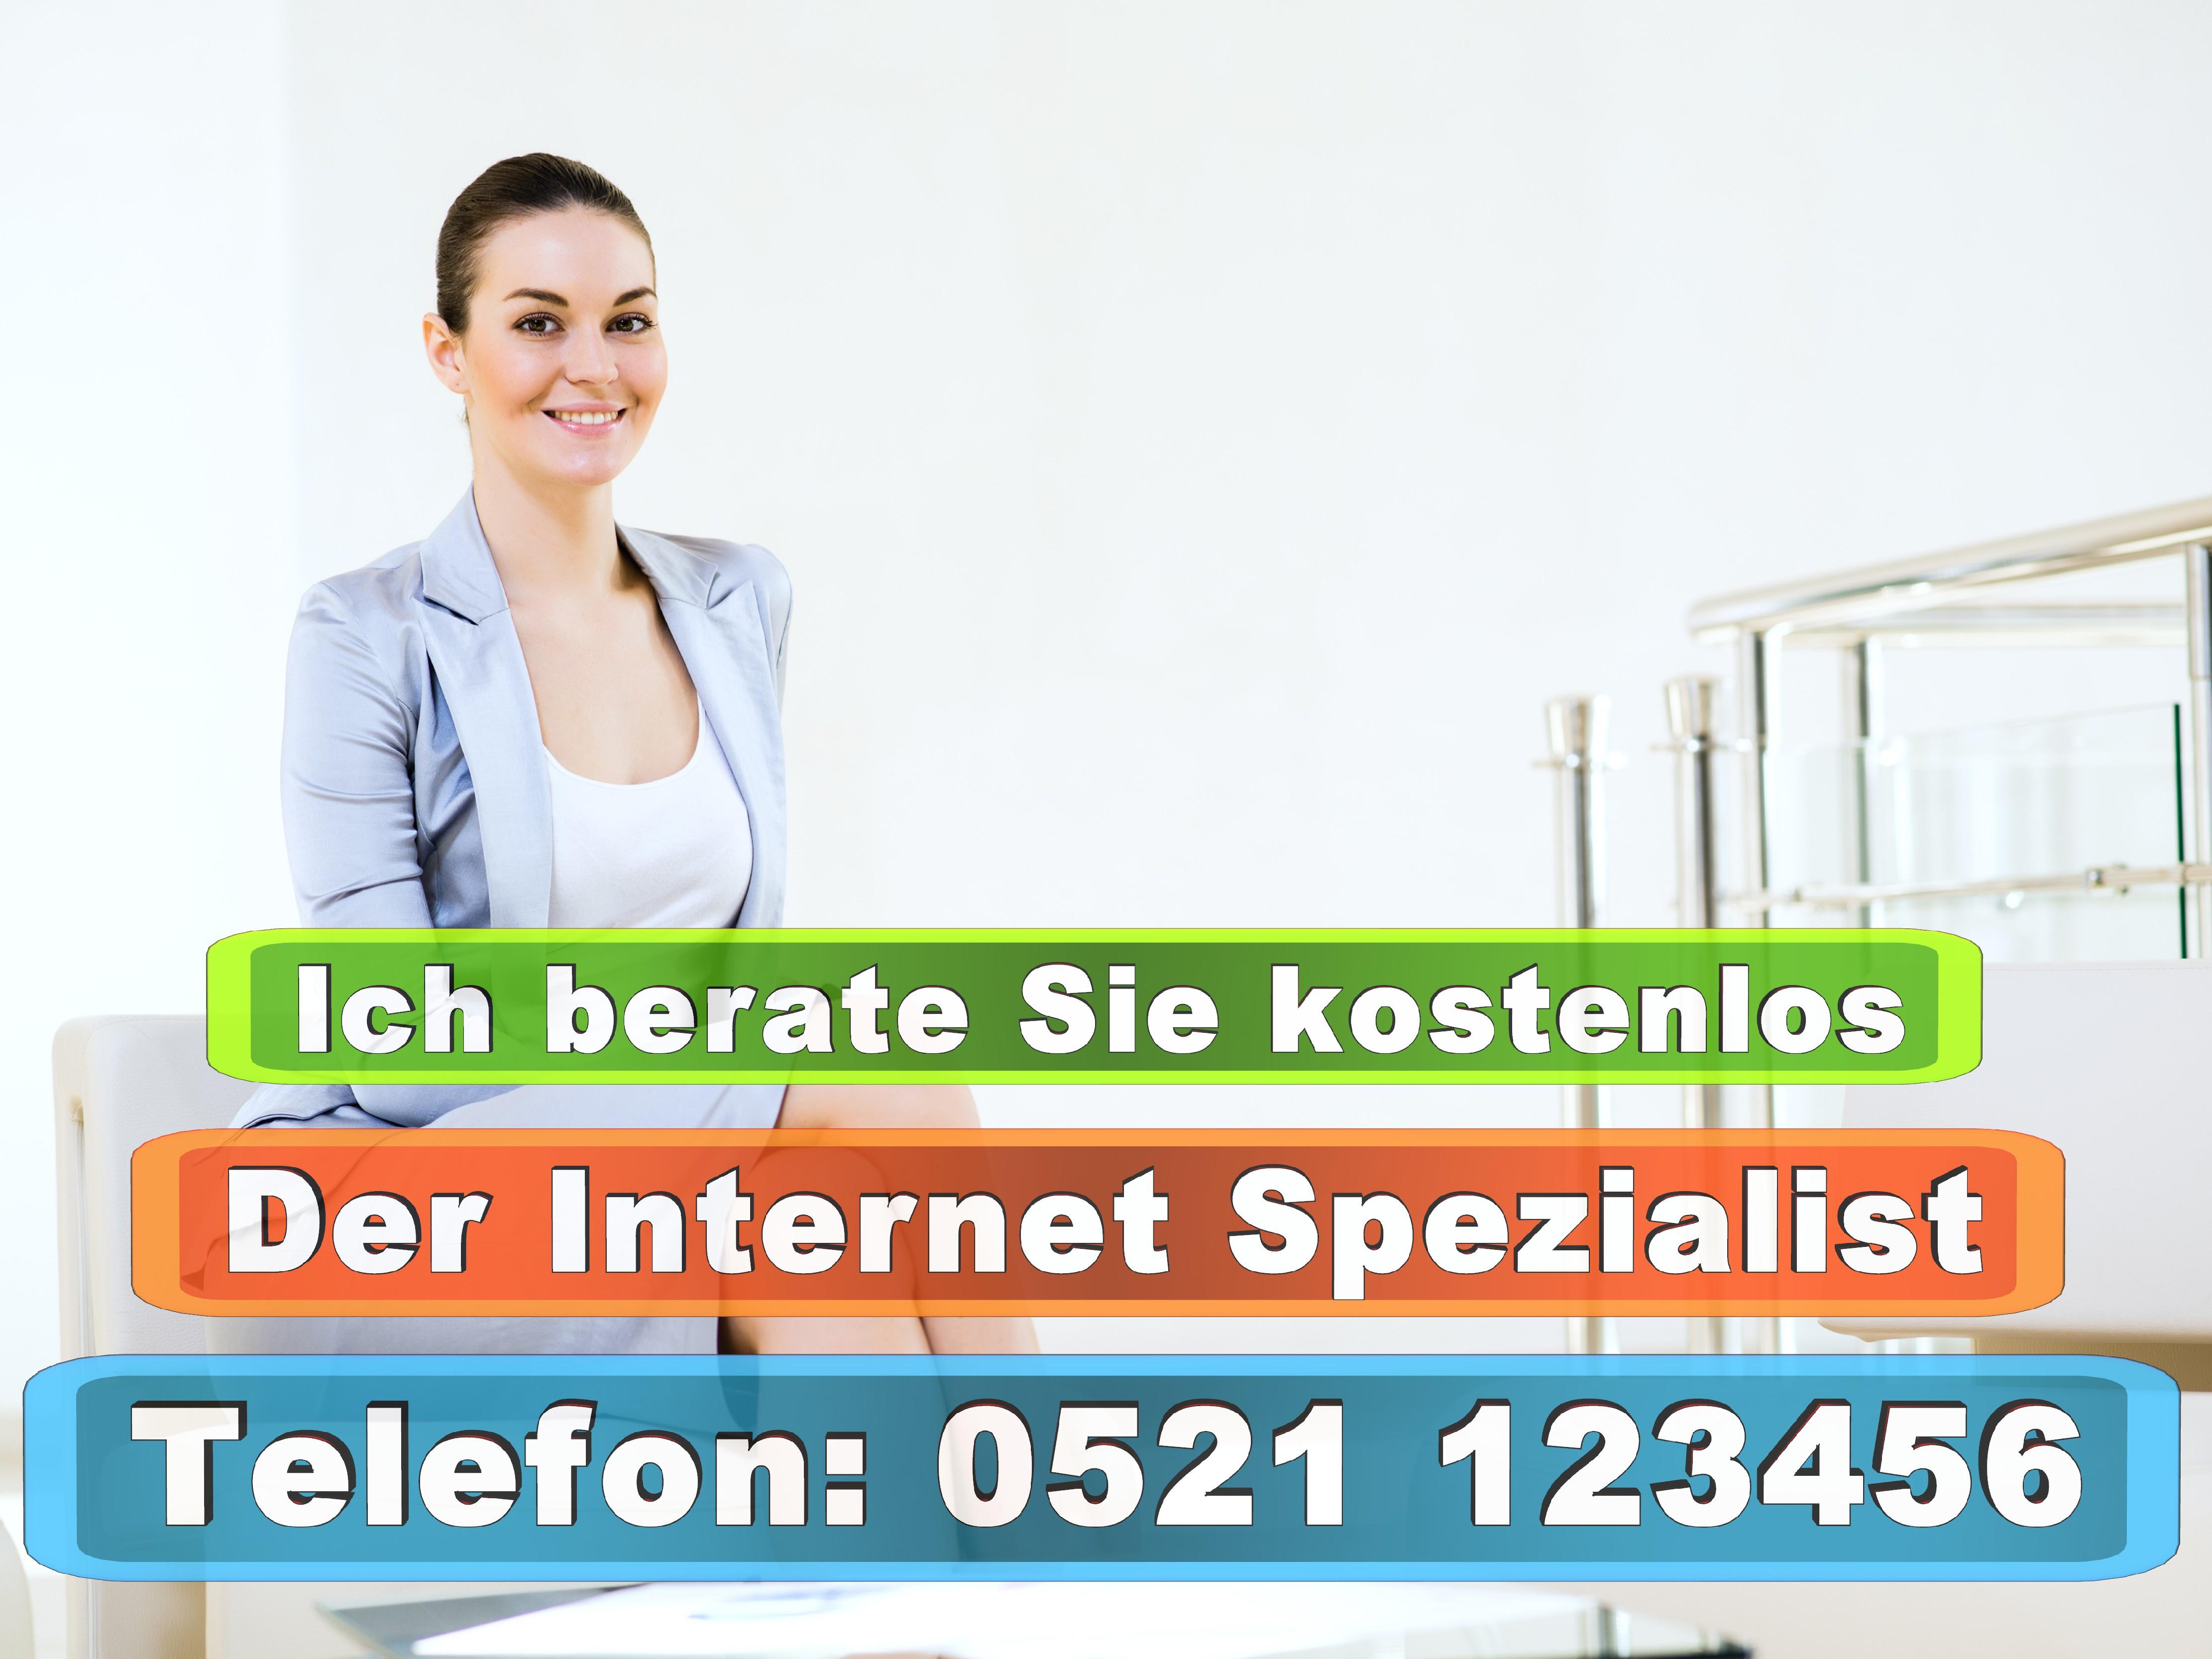 Steuerberater Bielefeld Rechtsanwalt Bielefeld Hausverwaltung Bielefeld Immobilien Bielefeld Architekt Bielefeld Büro Versicherungen (17)